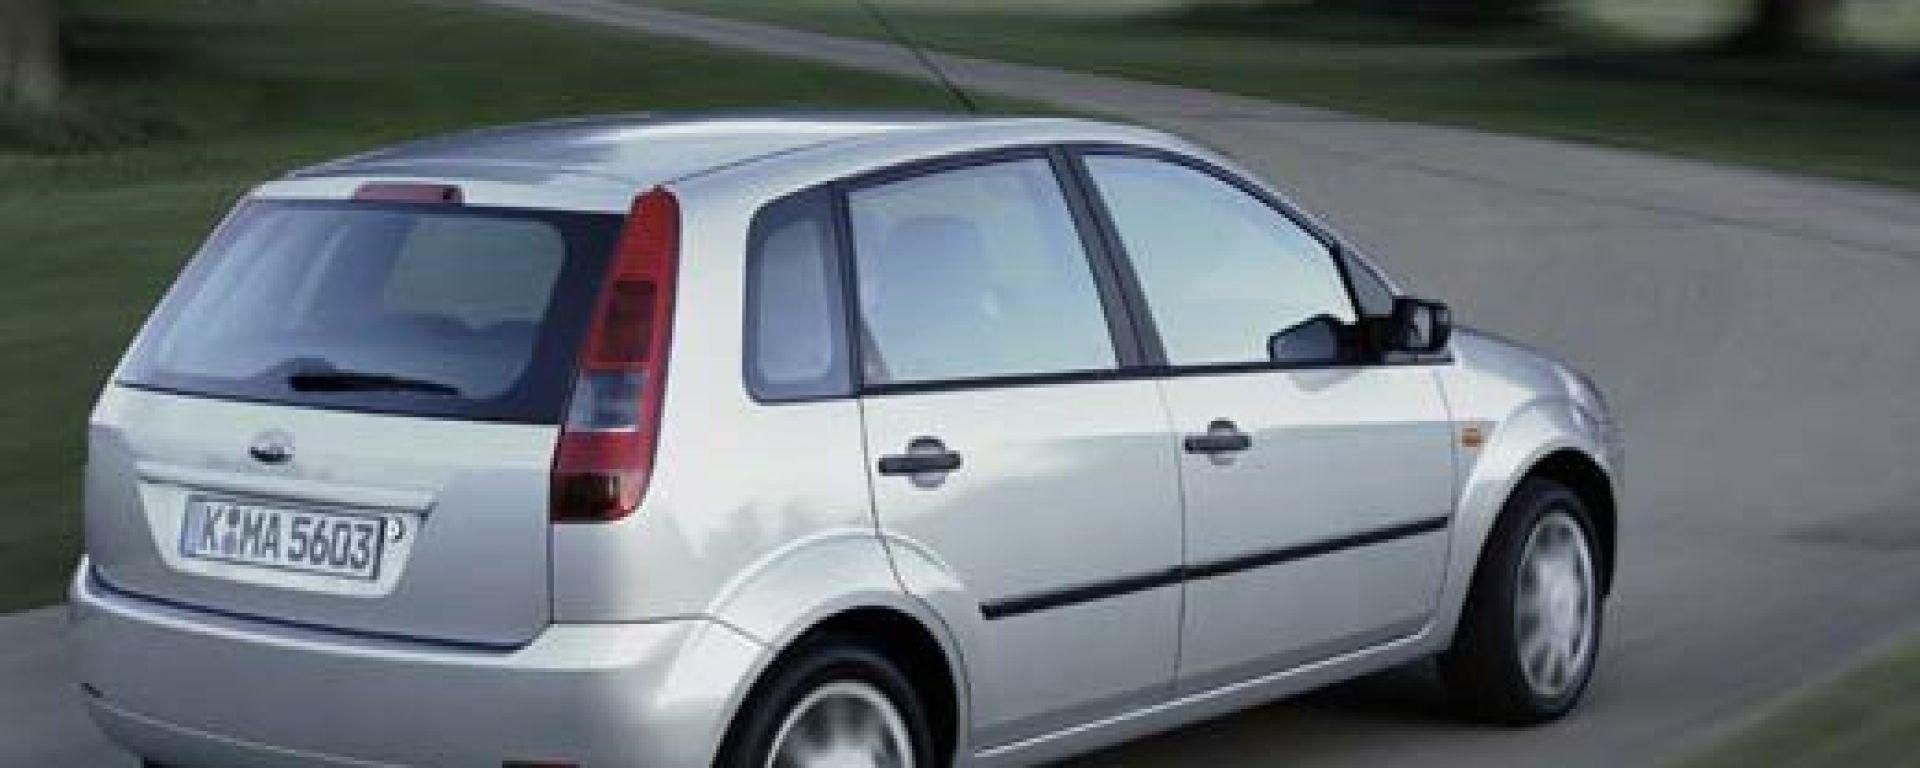 Ford Fiesta model year 2002